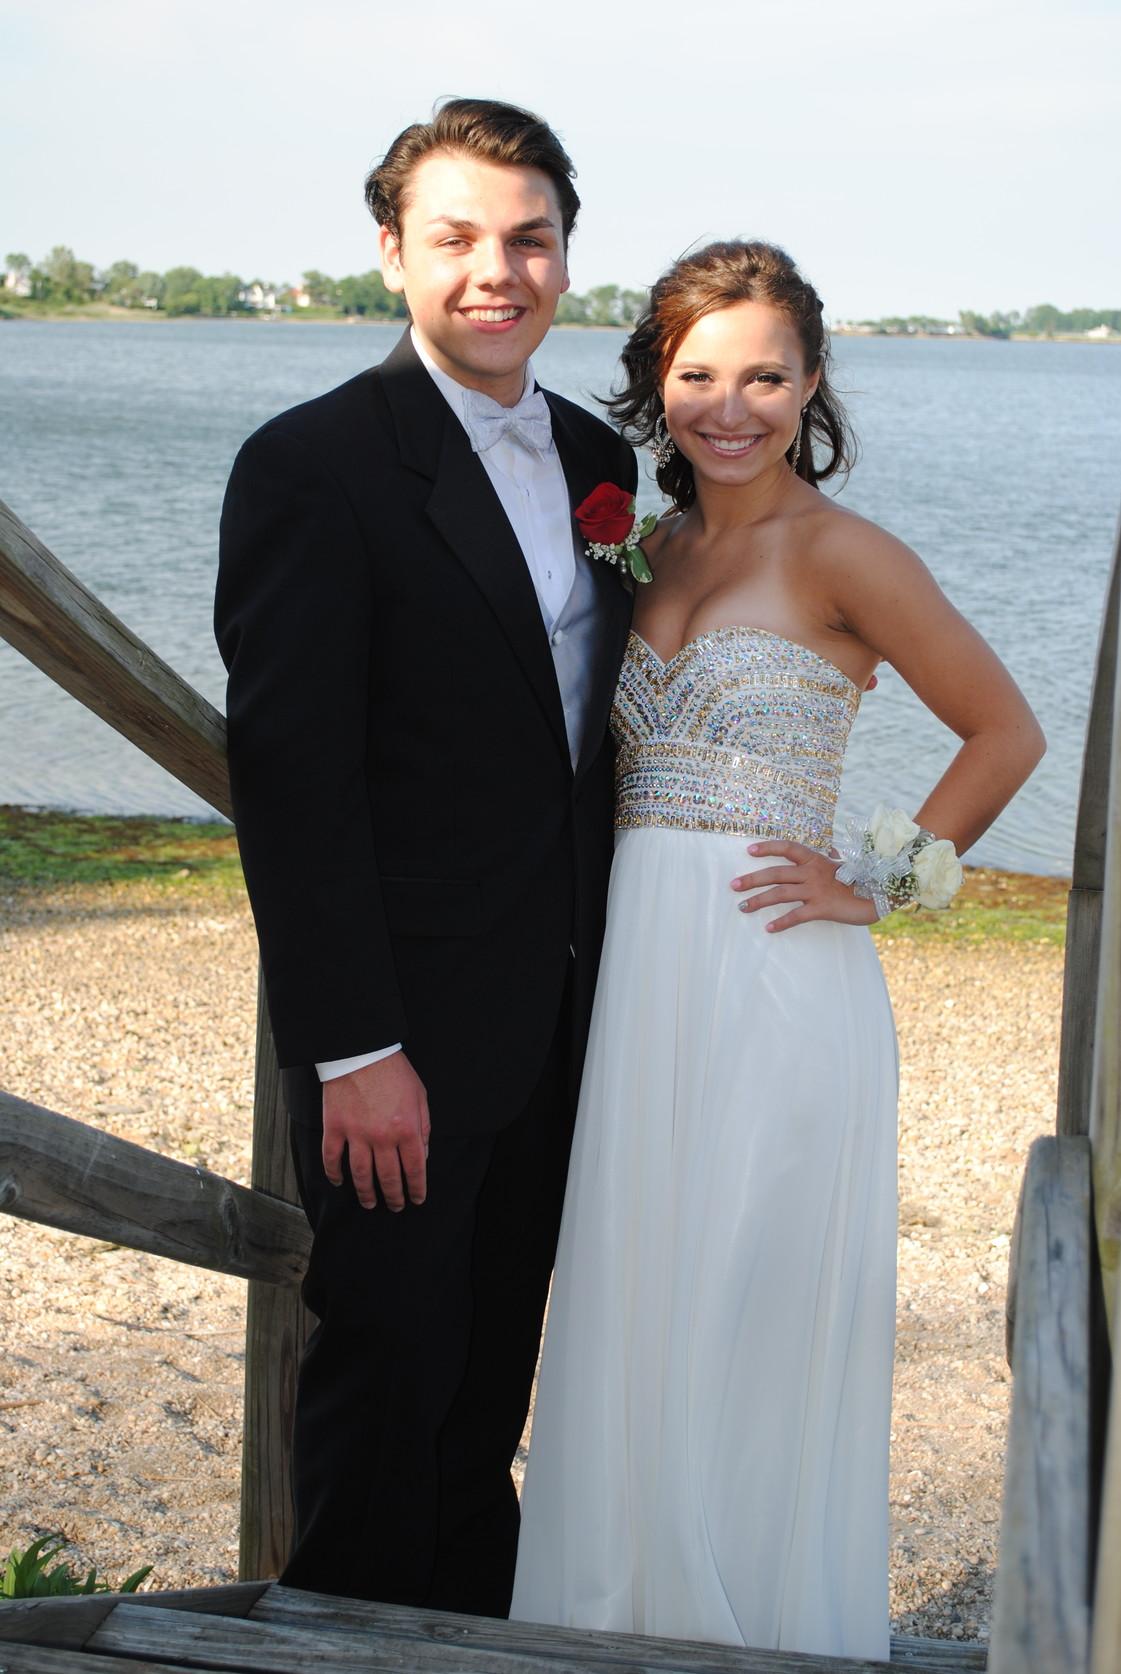 Dorable Girl Prom Tuxedo Images - All Wedding Dresses ...